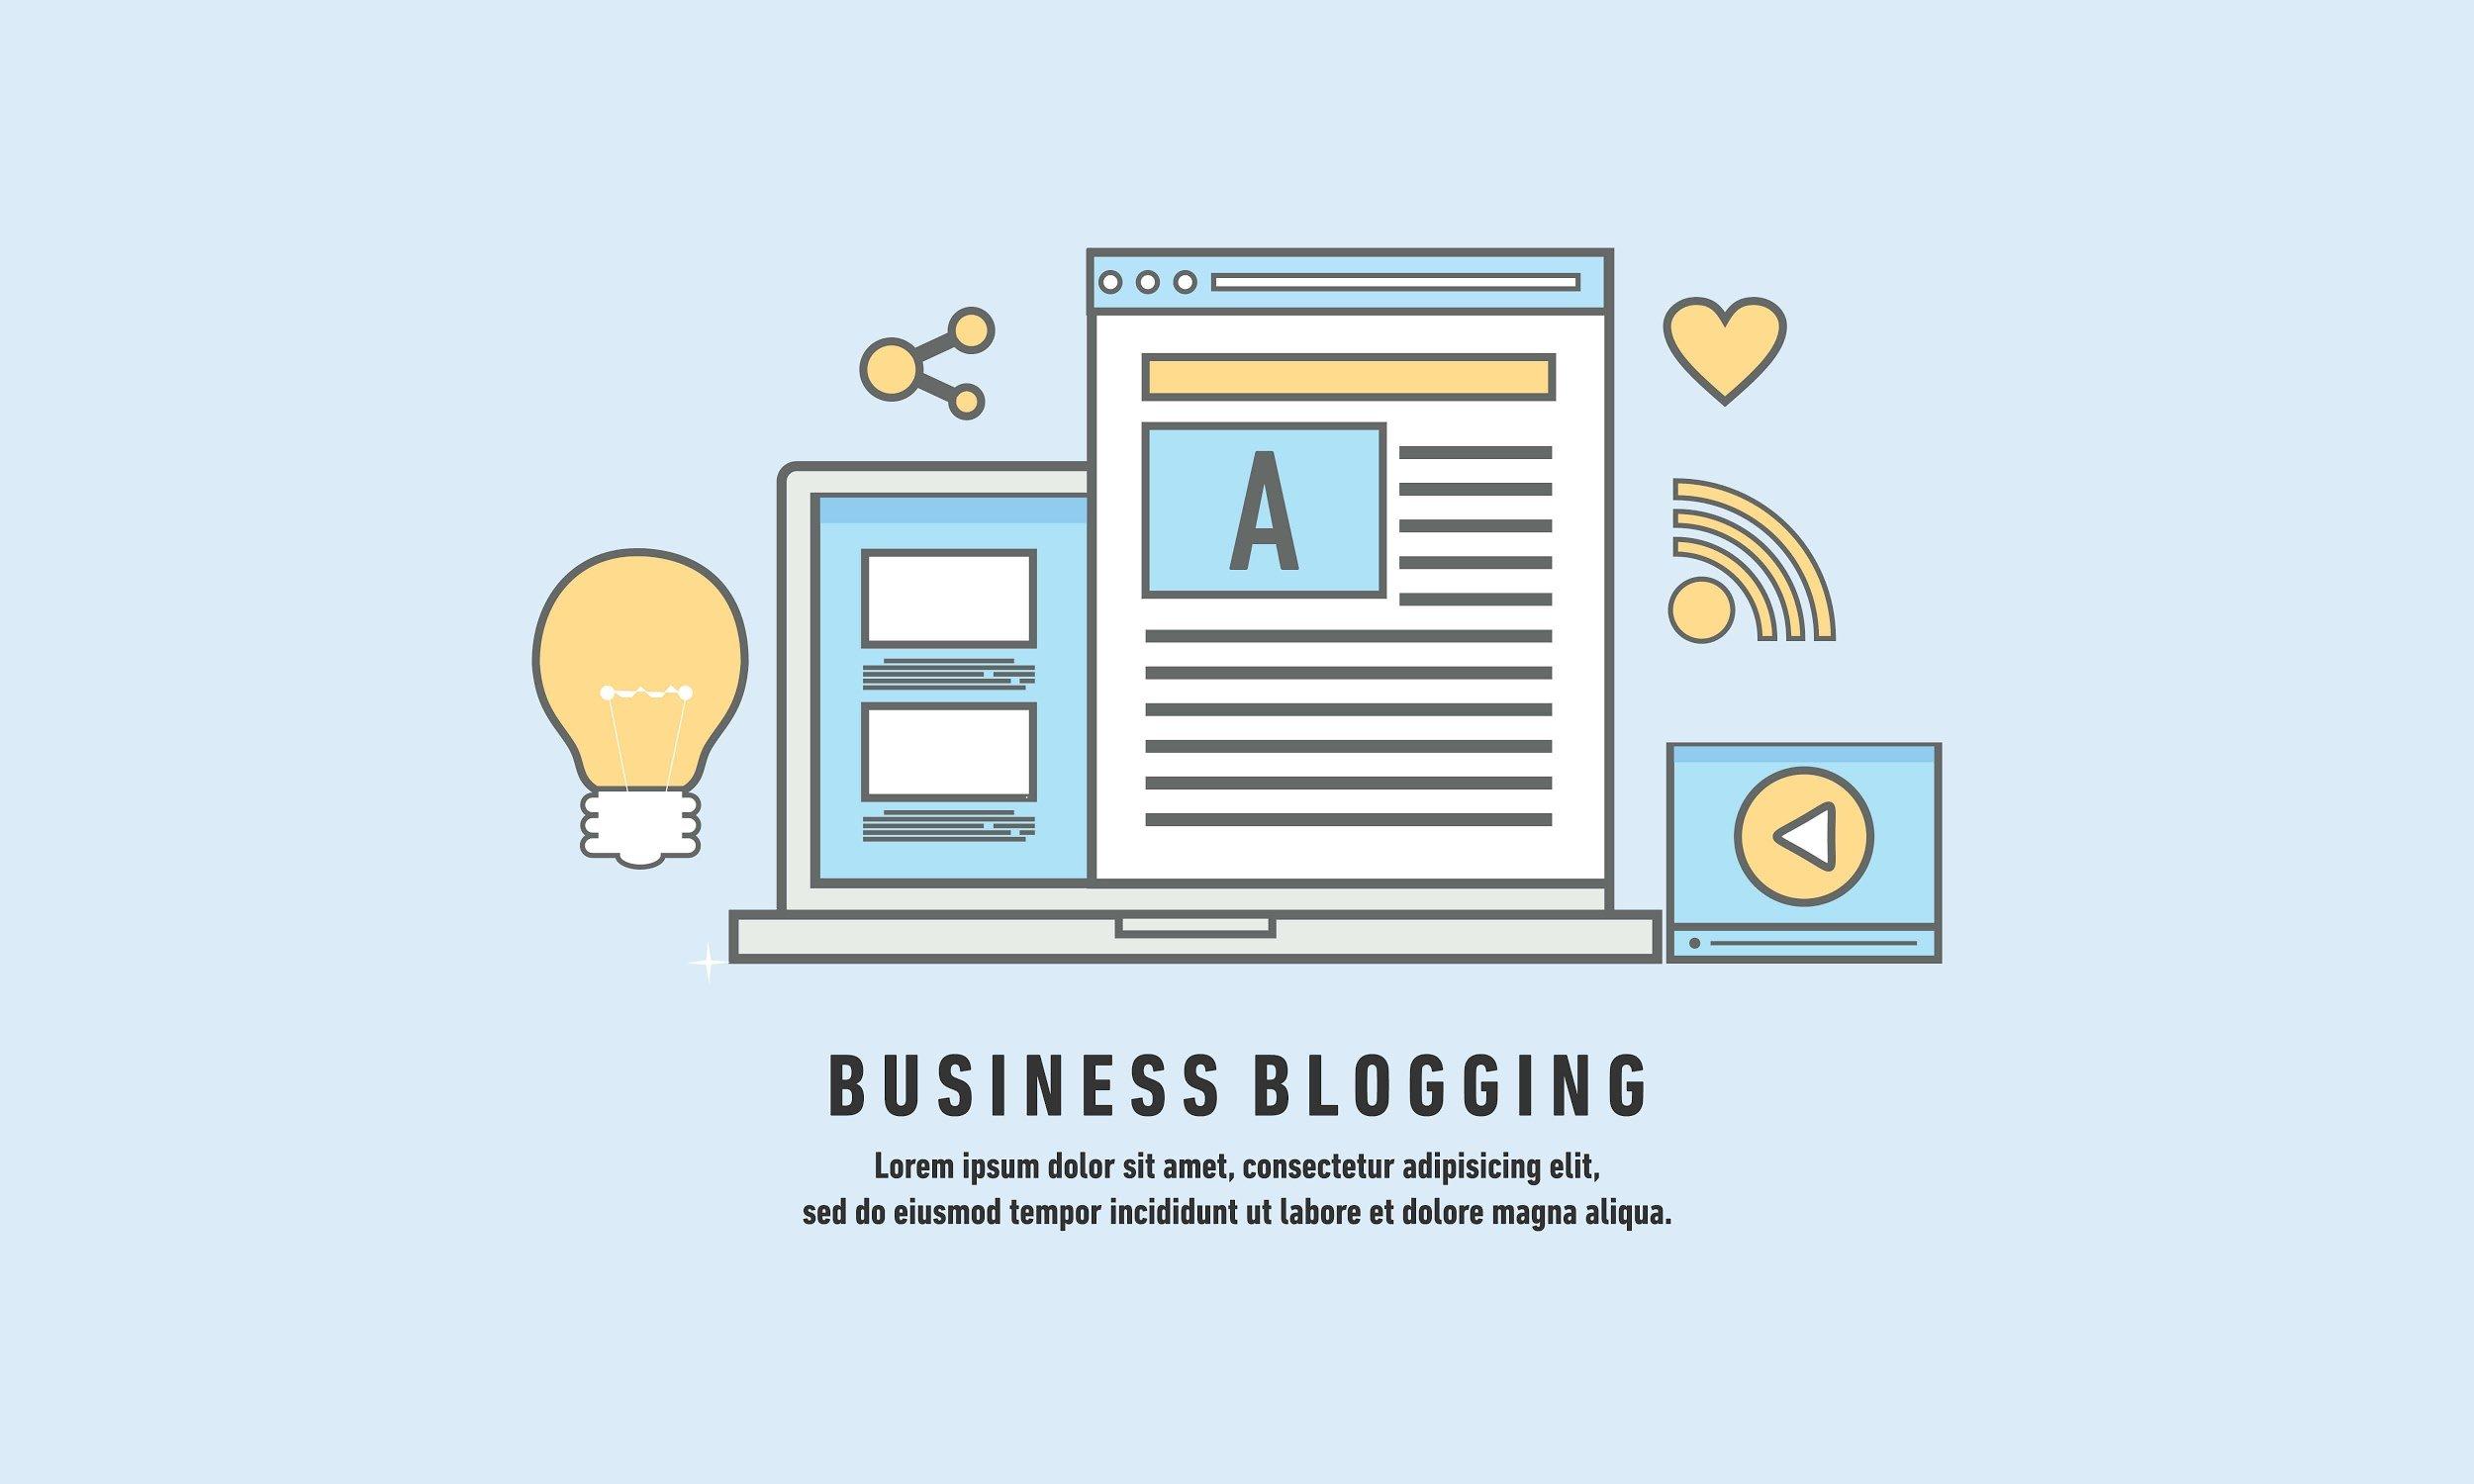 ilustraçao de laptop com pagina de texto e simbolos relacionados a criaçao de conteudo de blog